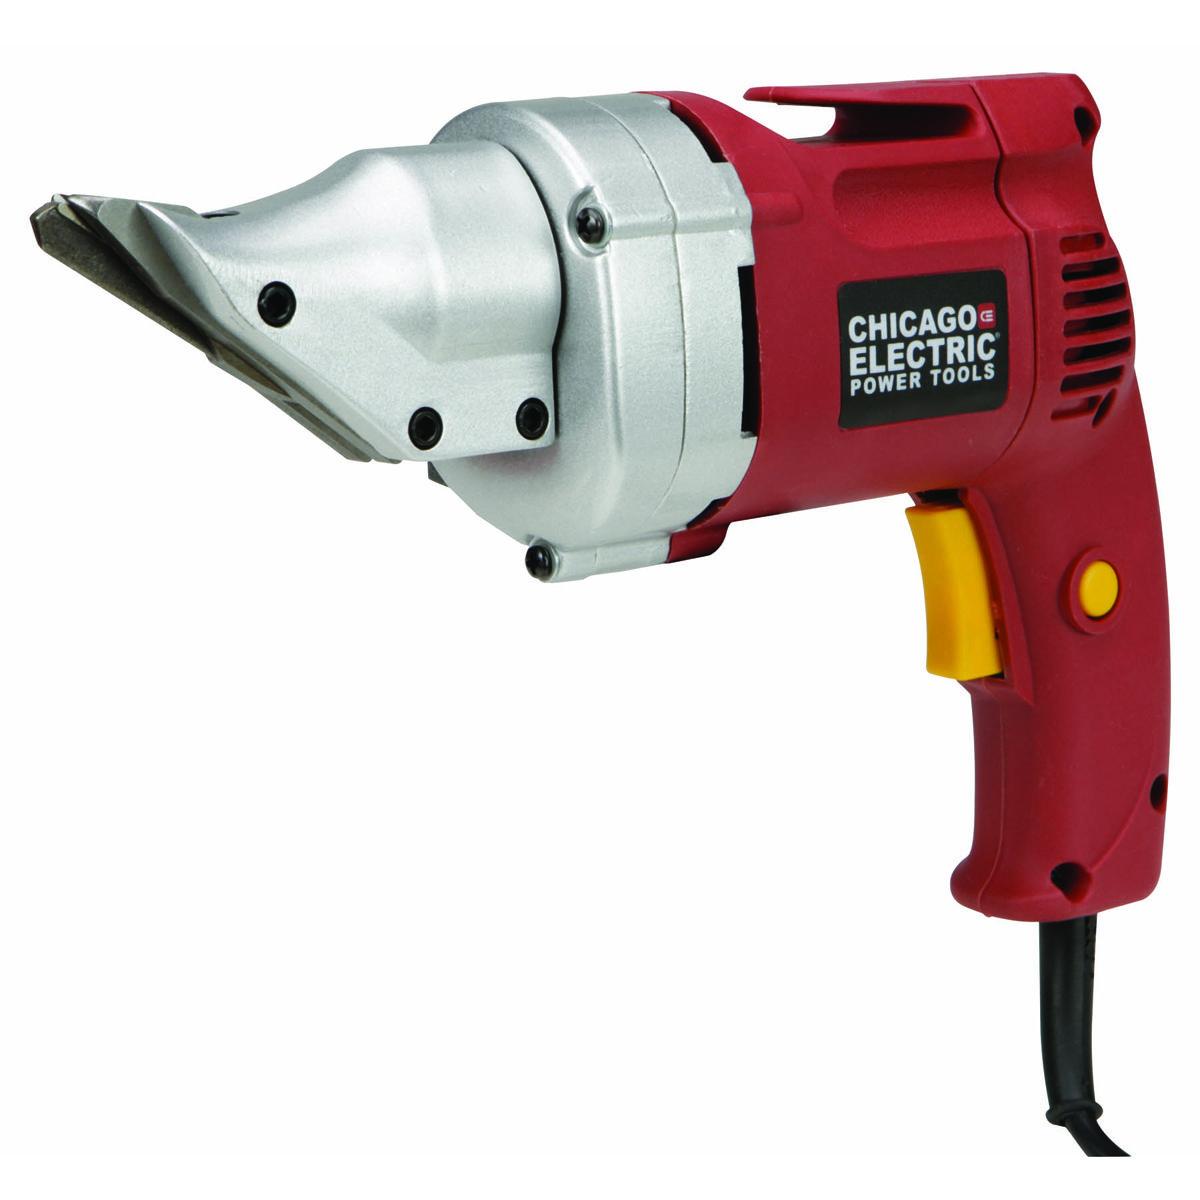 14 Gauge 4 Amp Heavy Duty Metal Shears Metal Shears Metal Working Tools Electric Power Tools